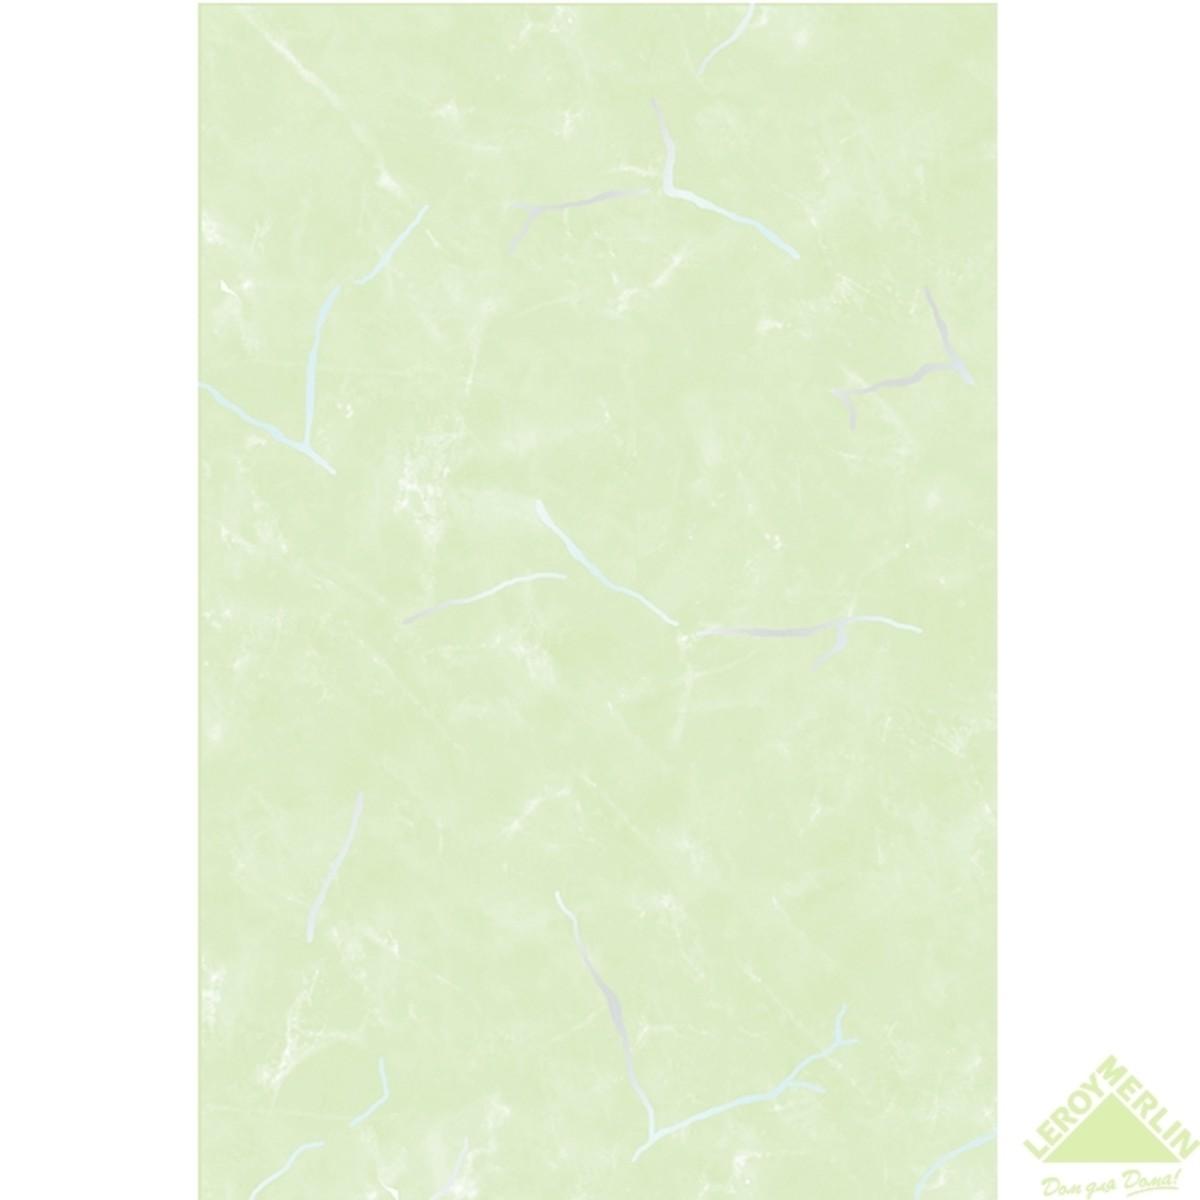 Плитка настенная Веста верх цвет салатовый 20х30 см 144 м2